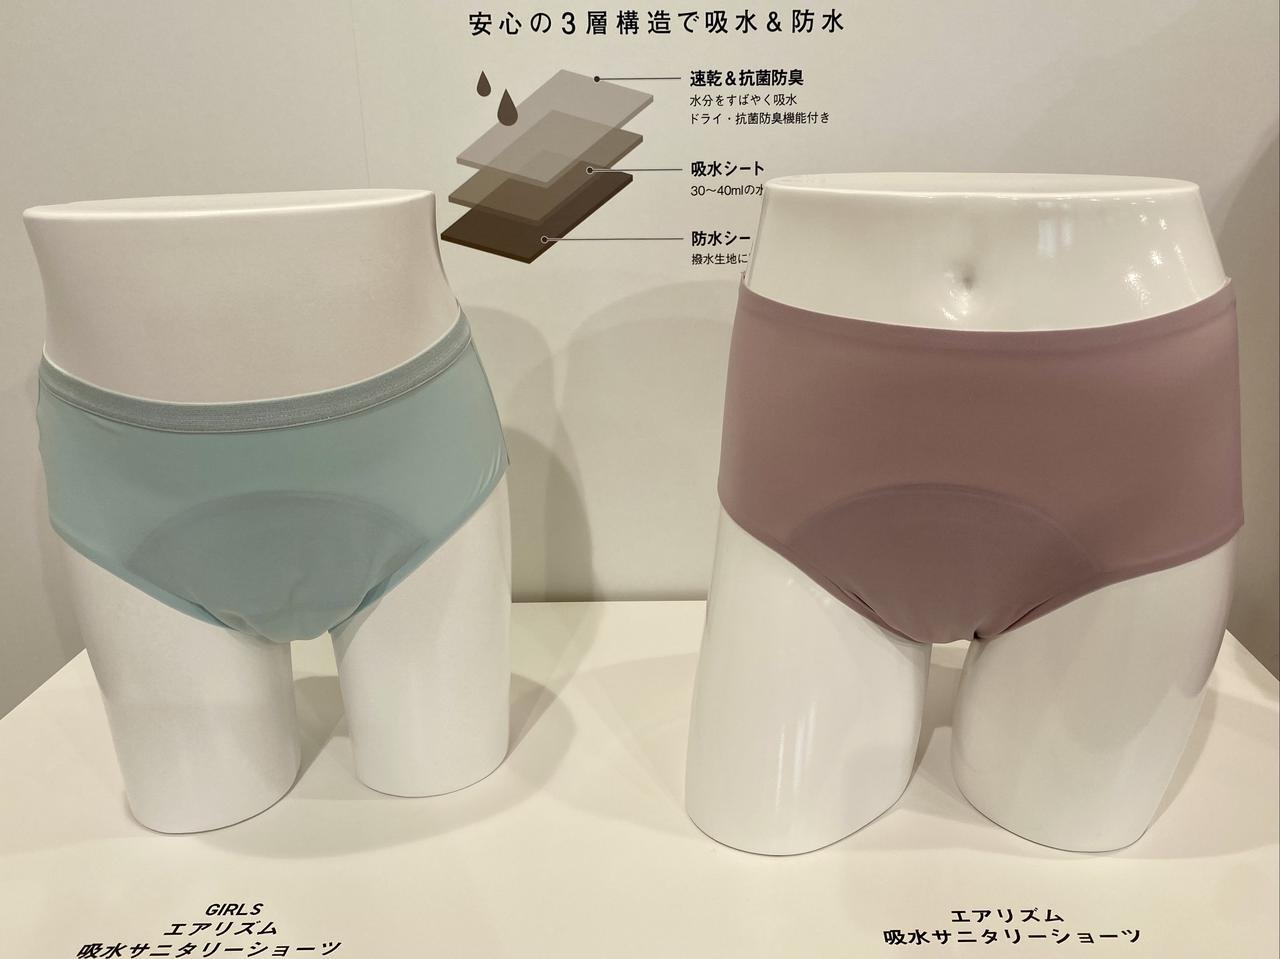 画像: (左)ガールズ エアリズム 吸水サニタリーショーツ¥価格未定・(右)エアリズム 吸水サニタリーショーツ¥1,990/ユニクロ 出典:fashion trend news